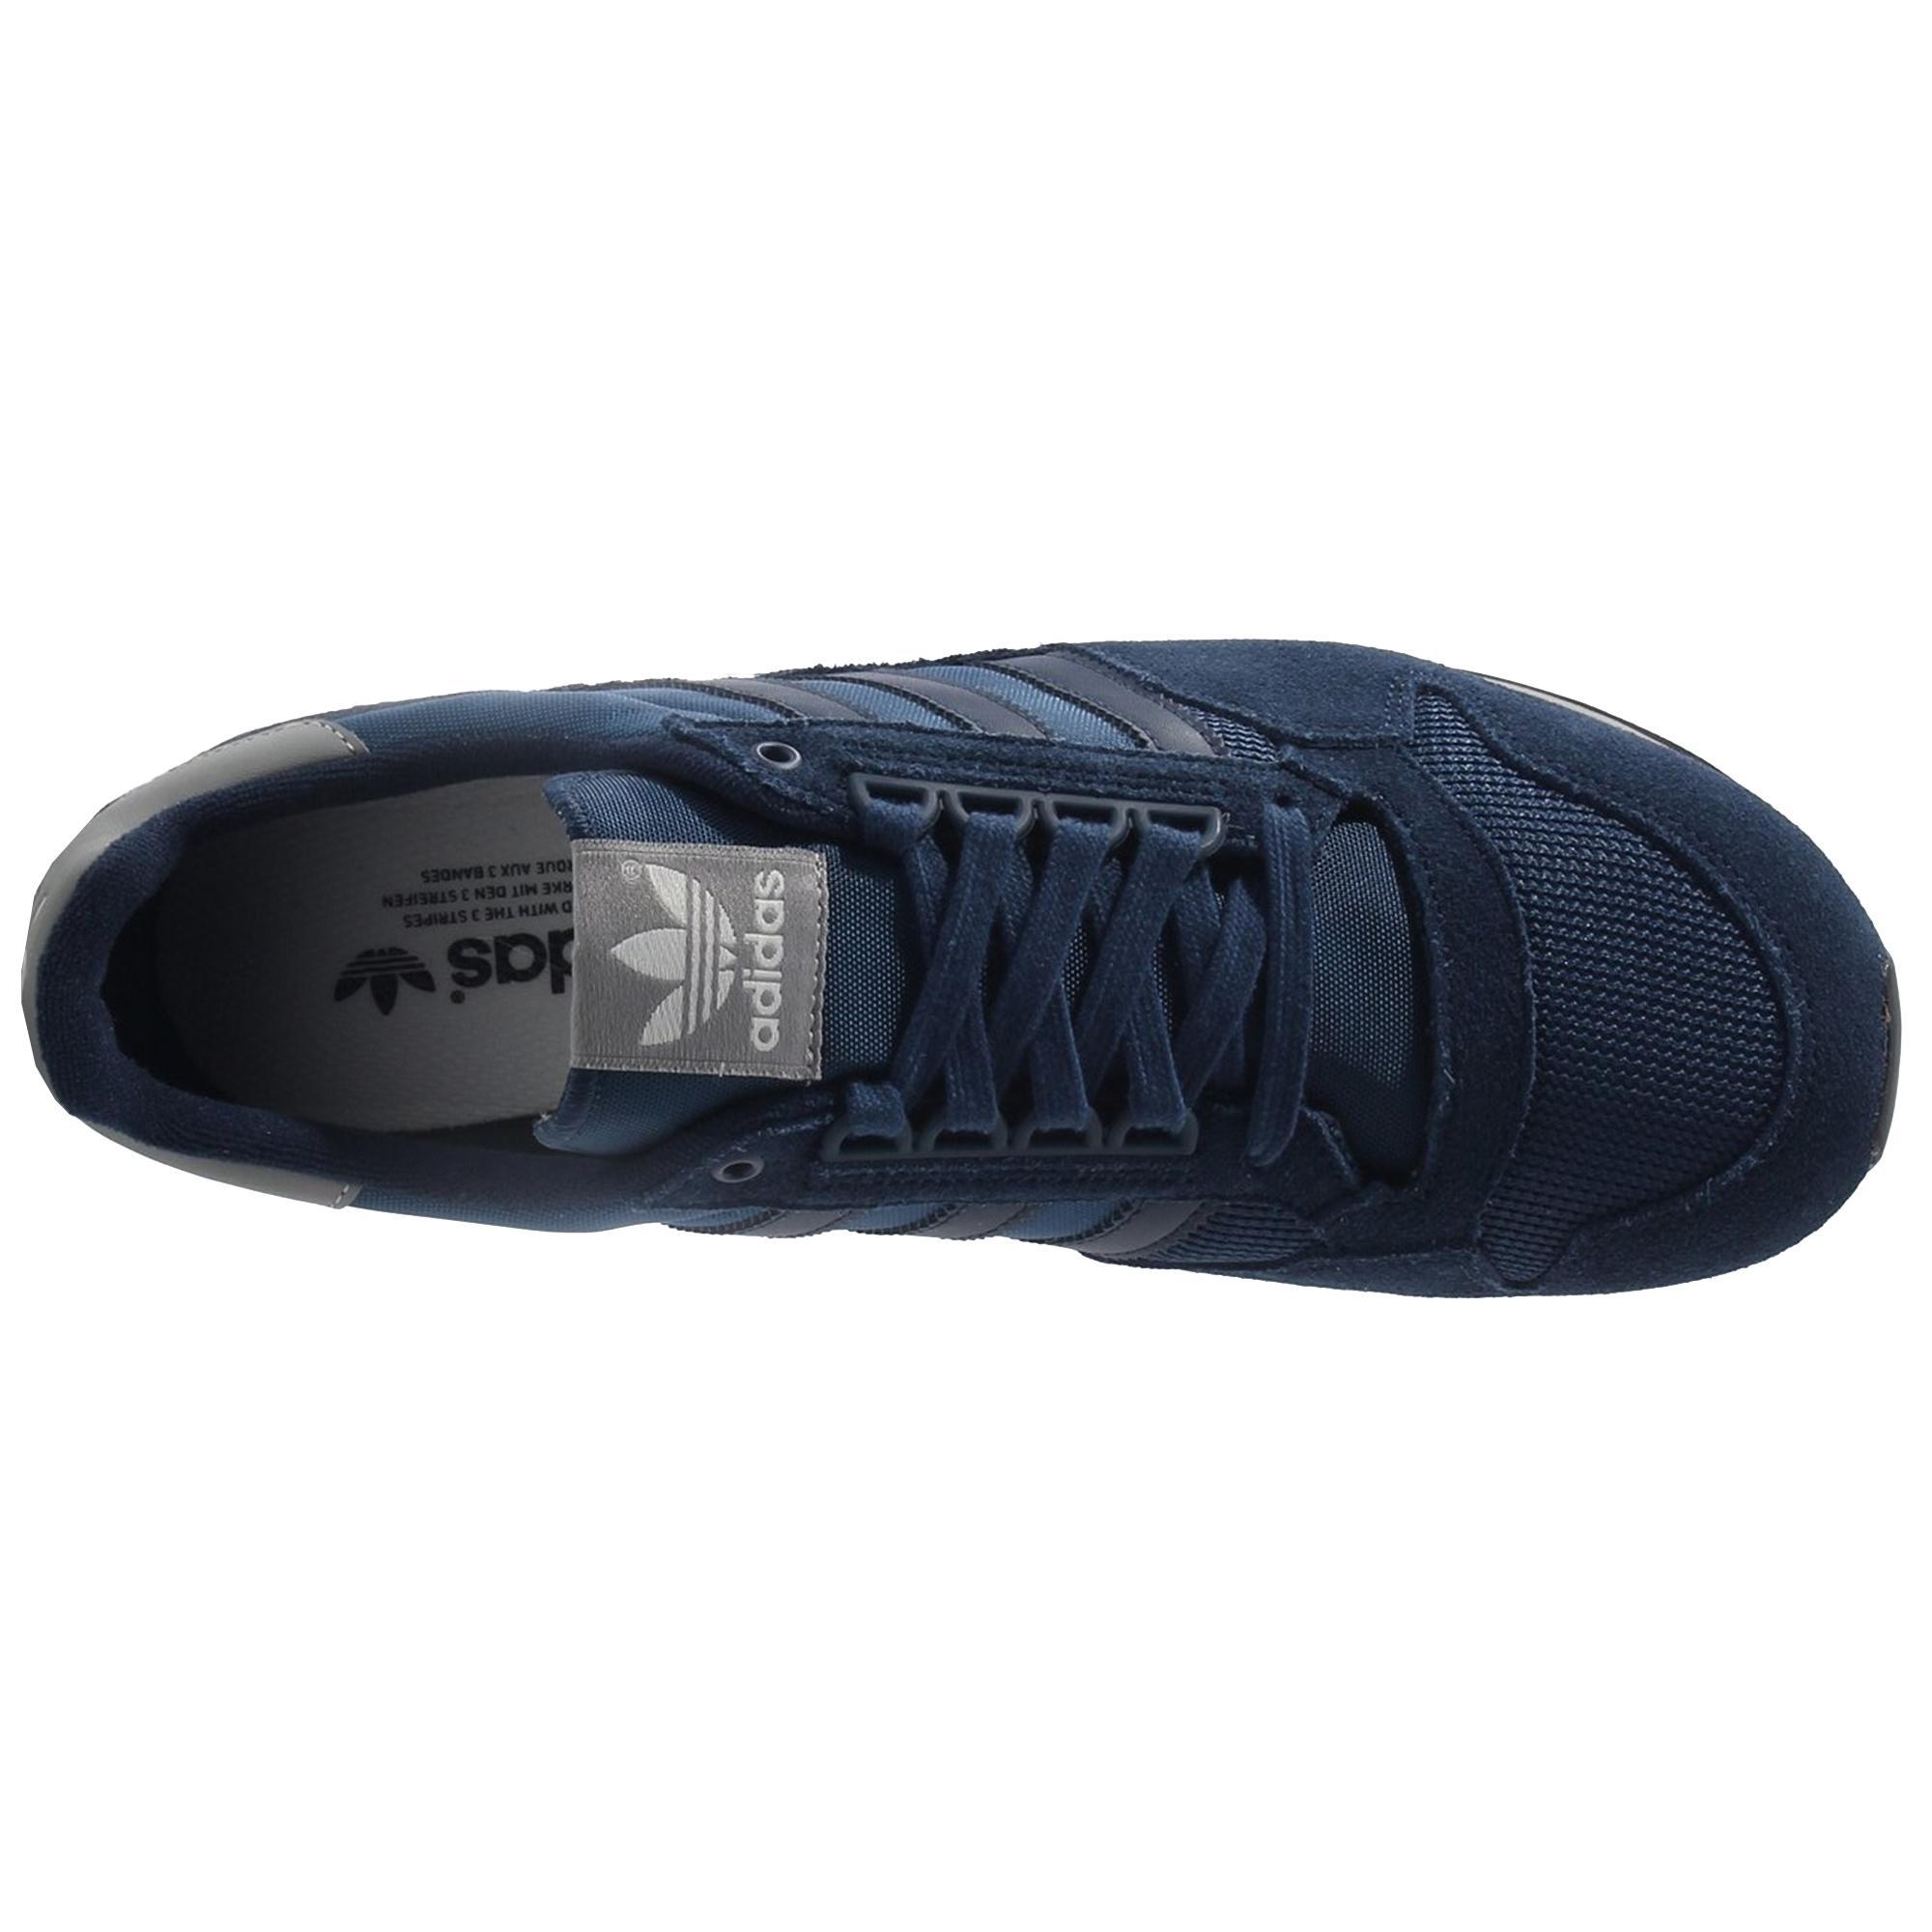 9ff8bb97e0314 ... promo code for 2017 sneaker f5c81 02b29 adidas zx 500 og ss16 erkek spor  ayakkab .